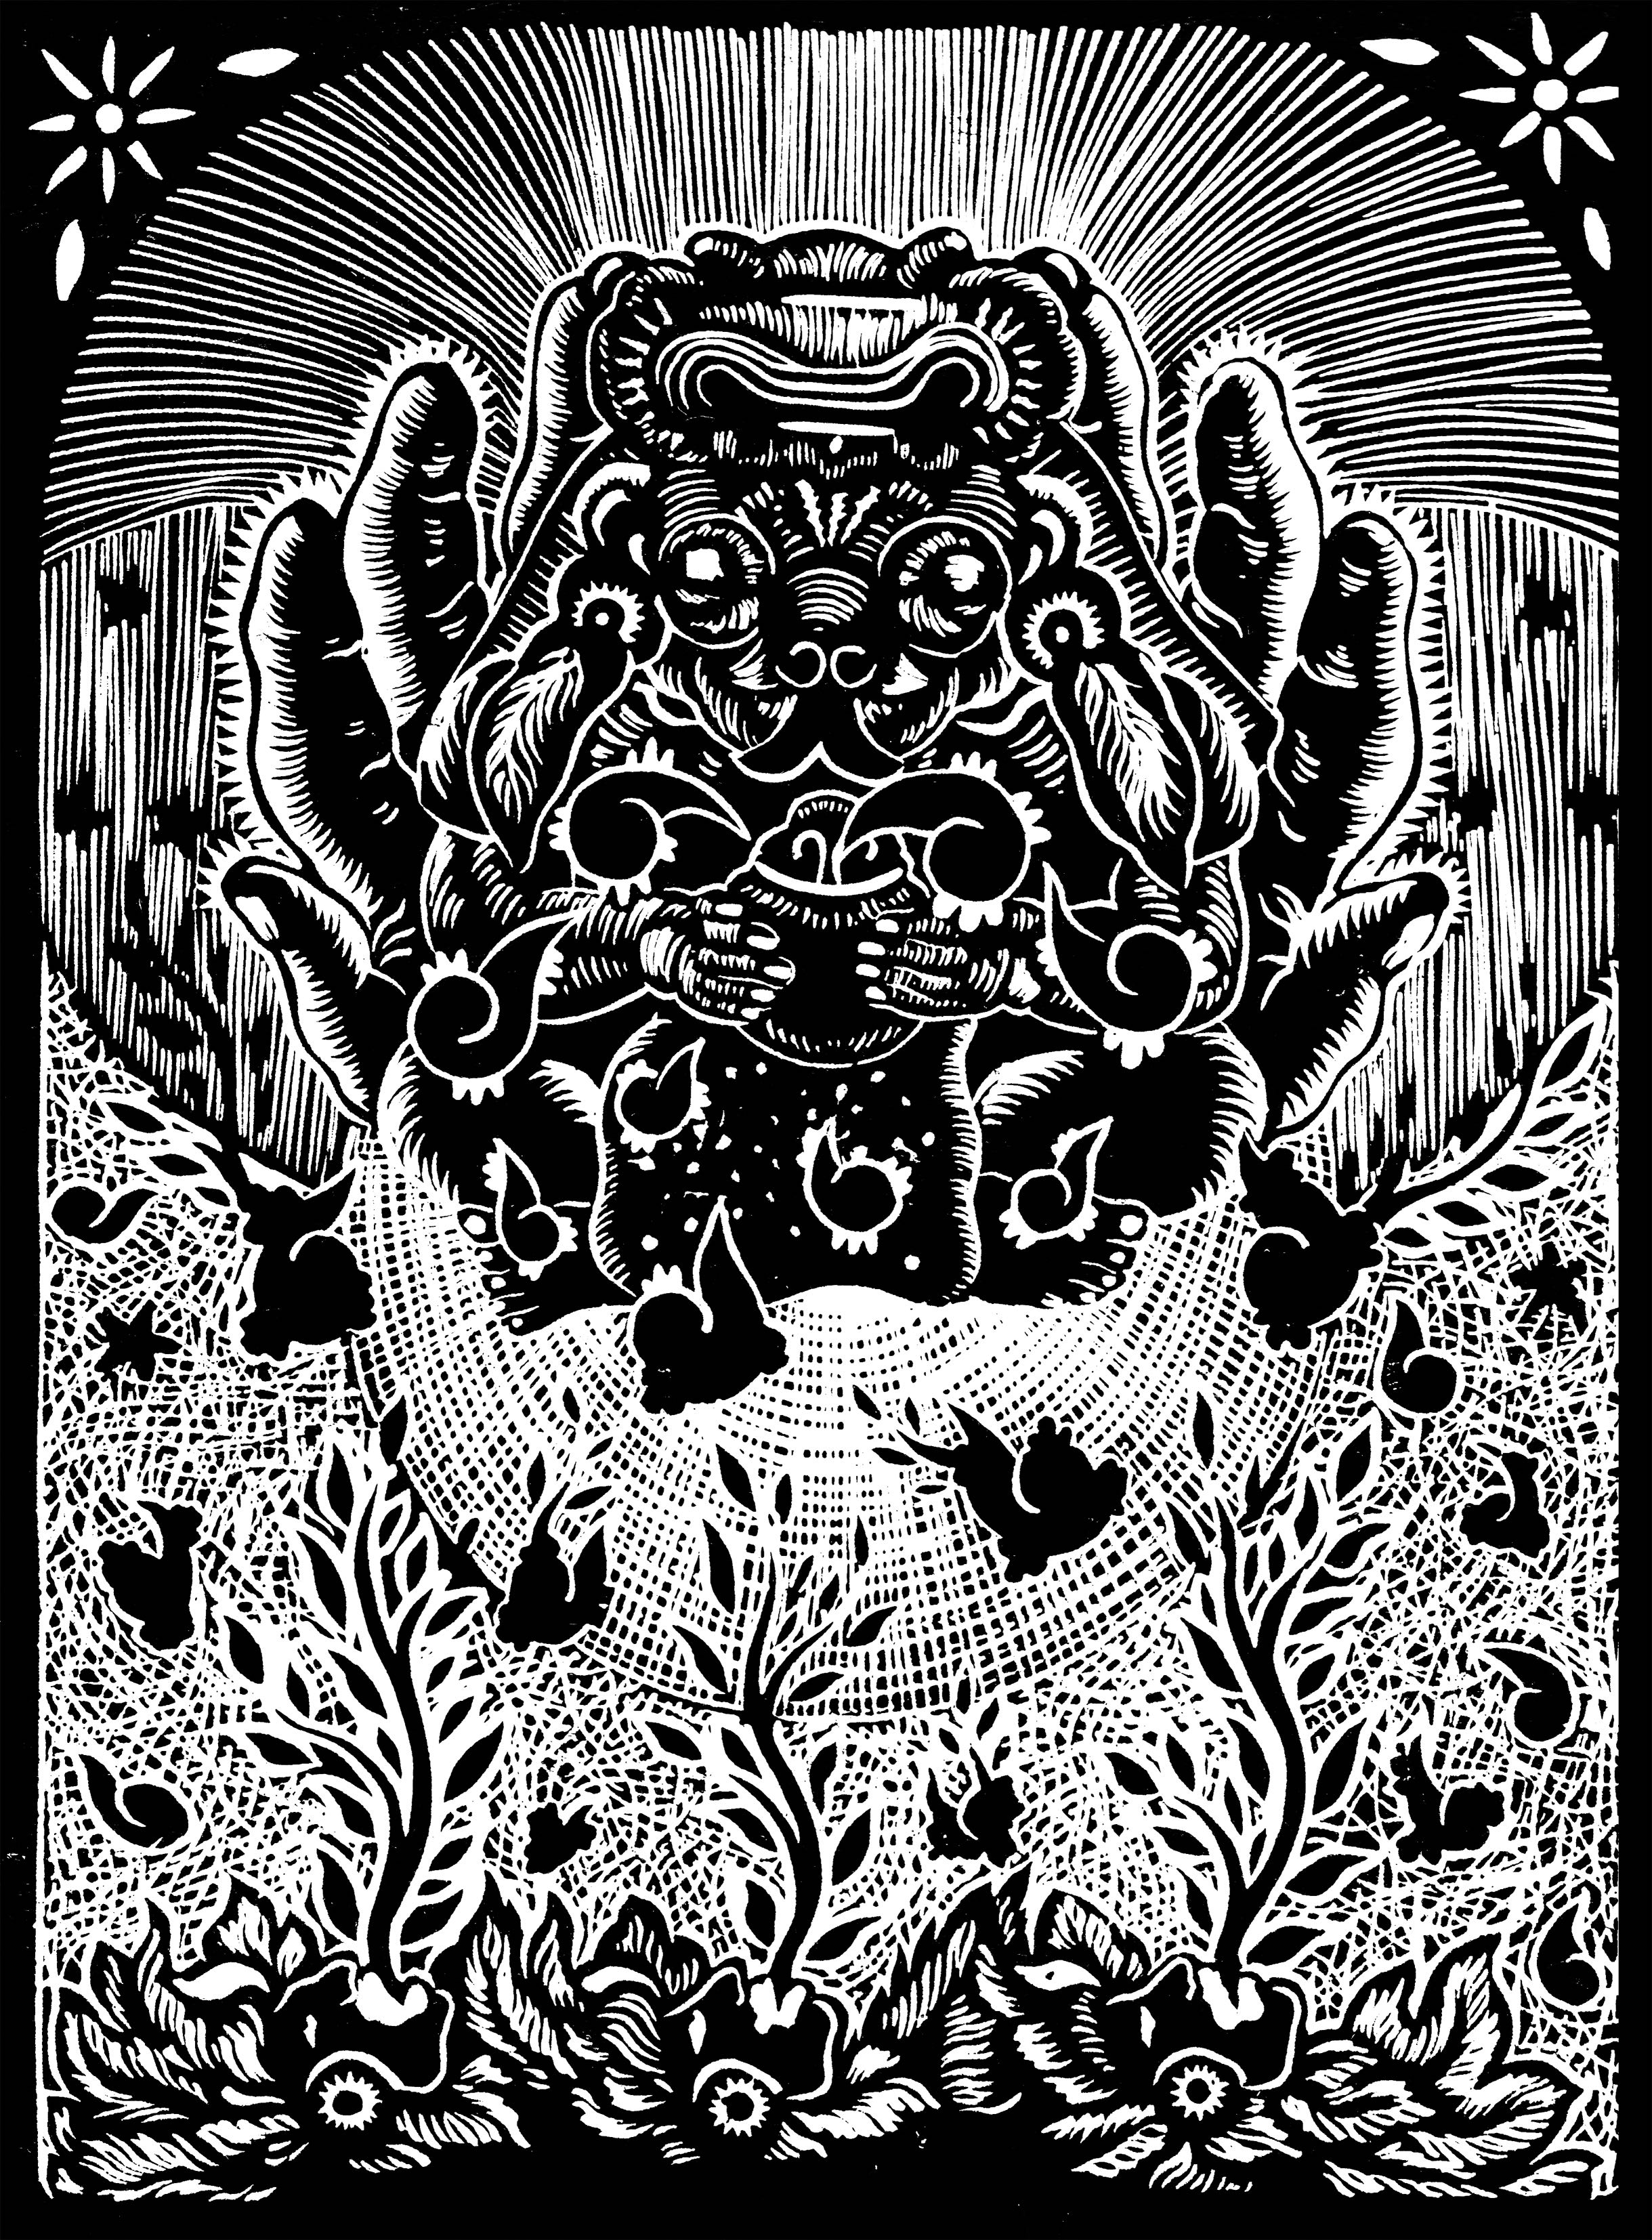 Cover image for Caseidyneën Saën - Aprendemos Juntos